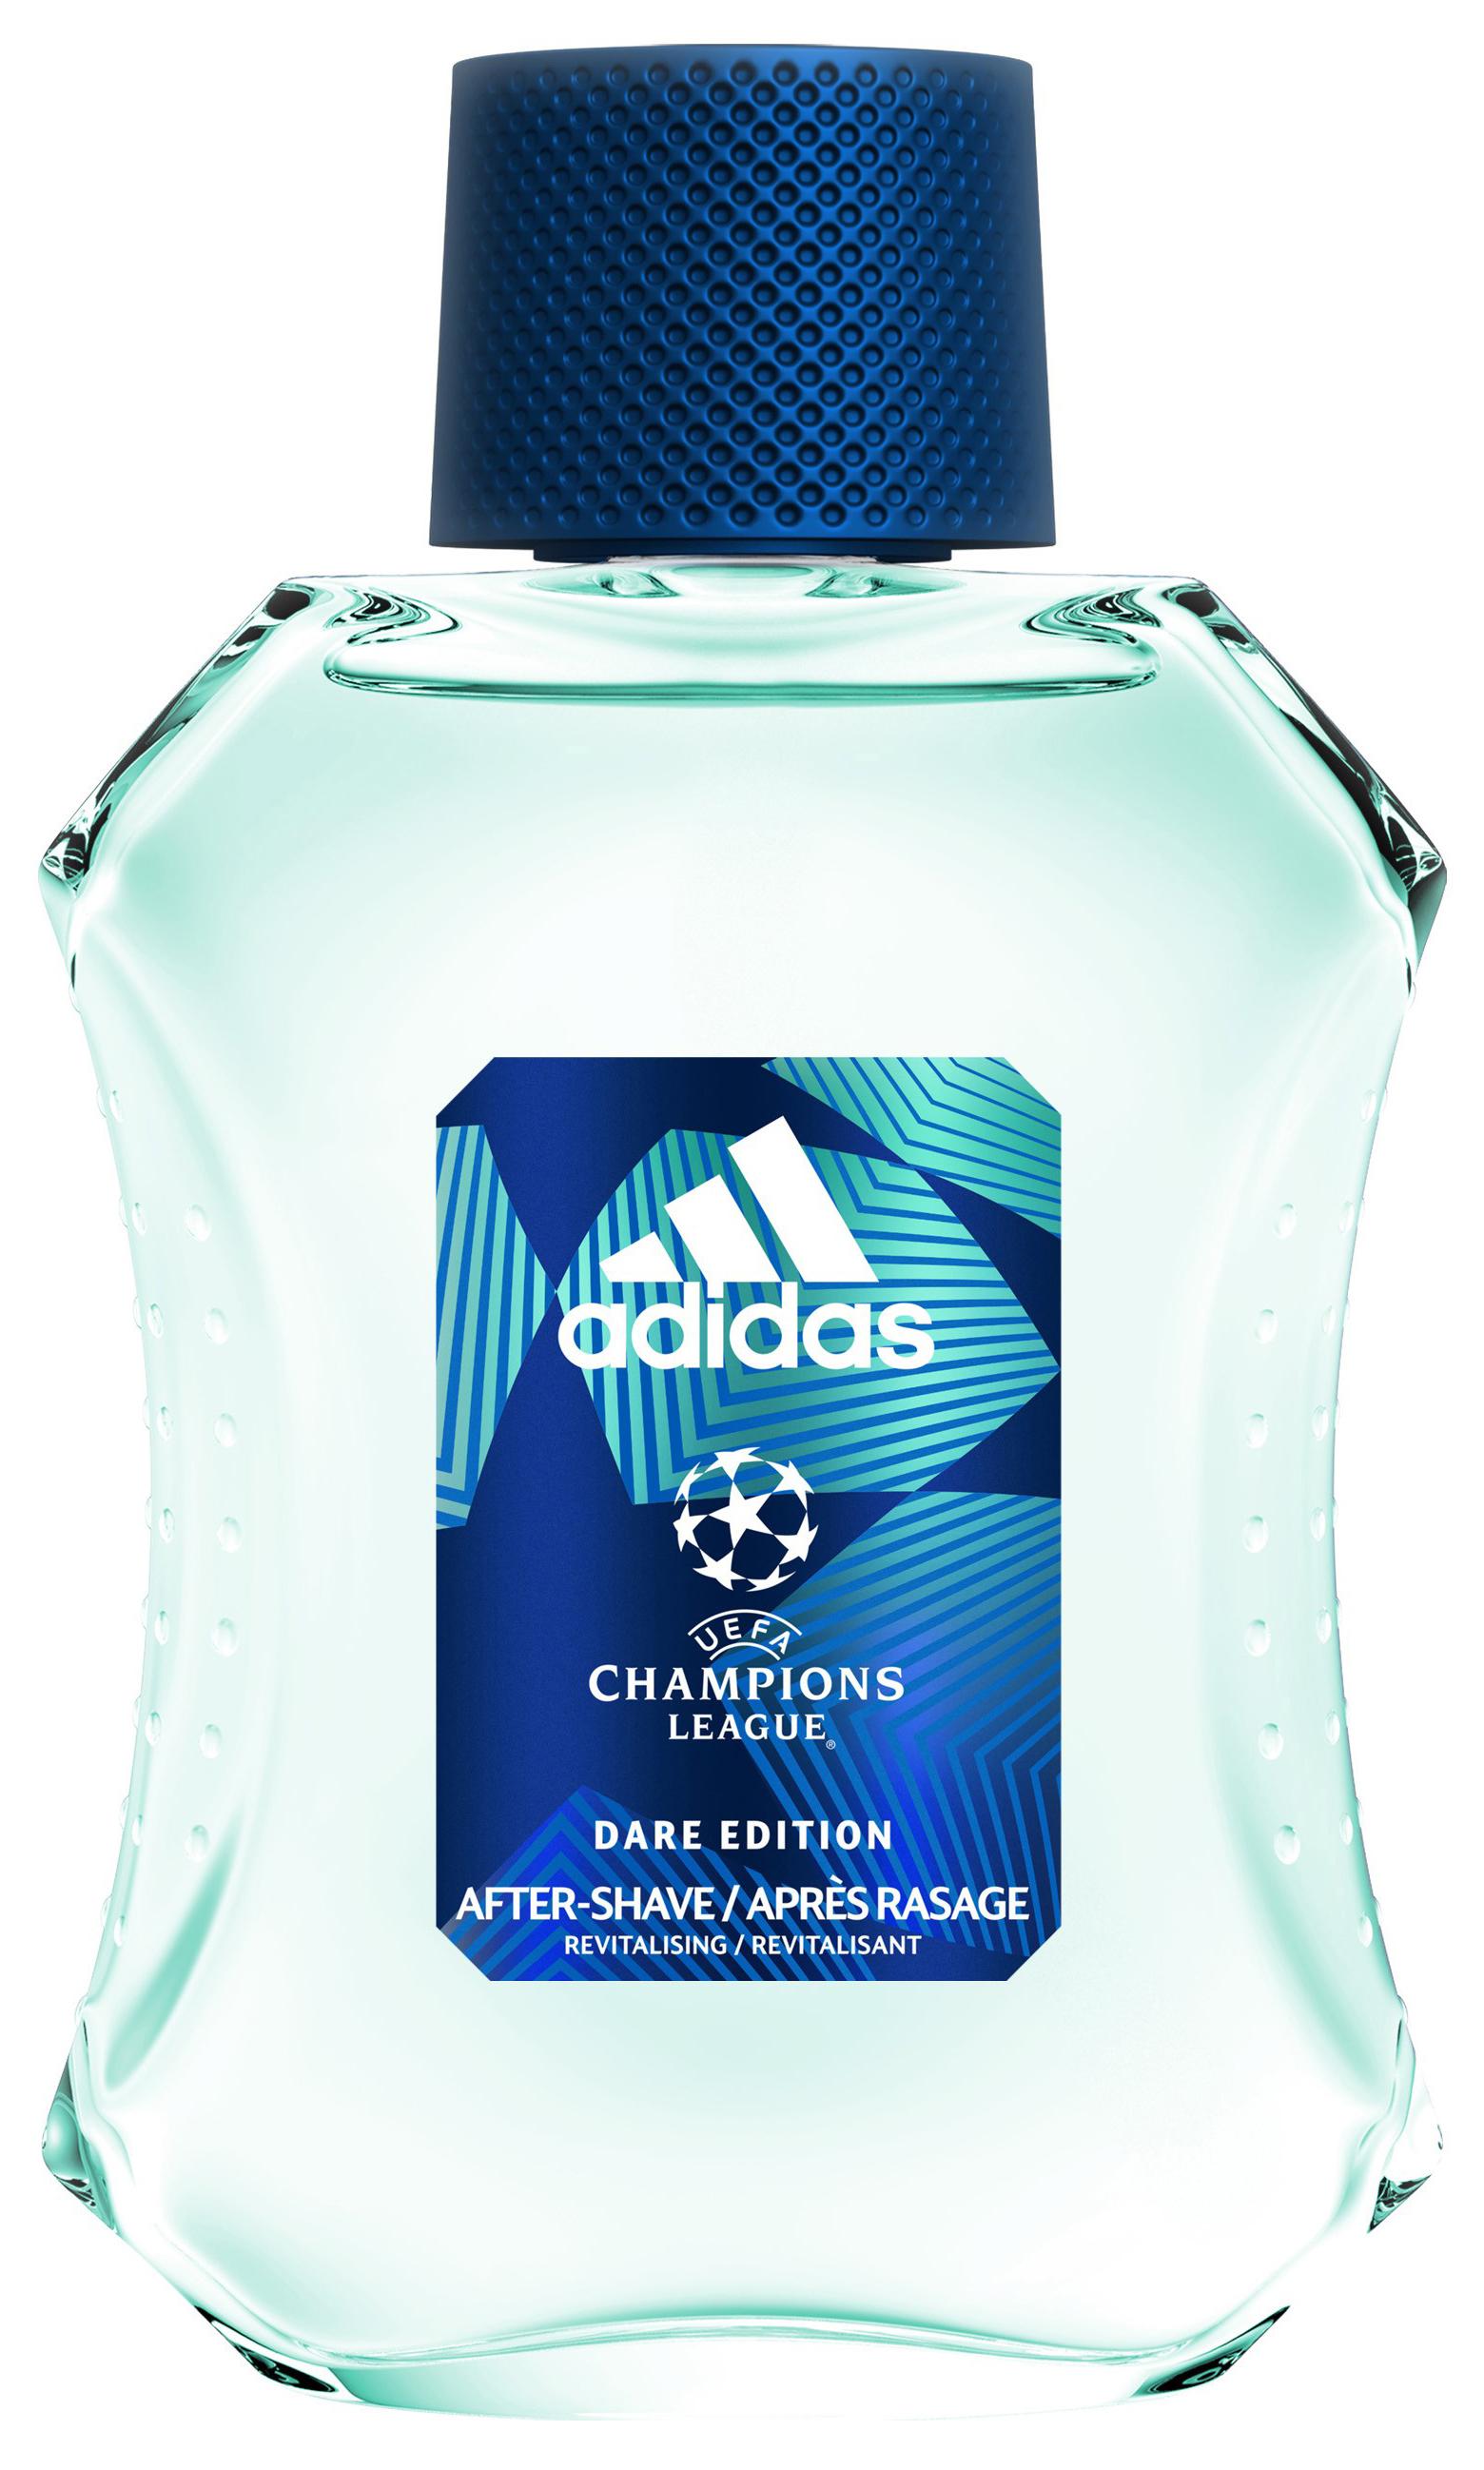 Лосьон после бритья Adidas Champions League Dare Edition After-Shave